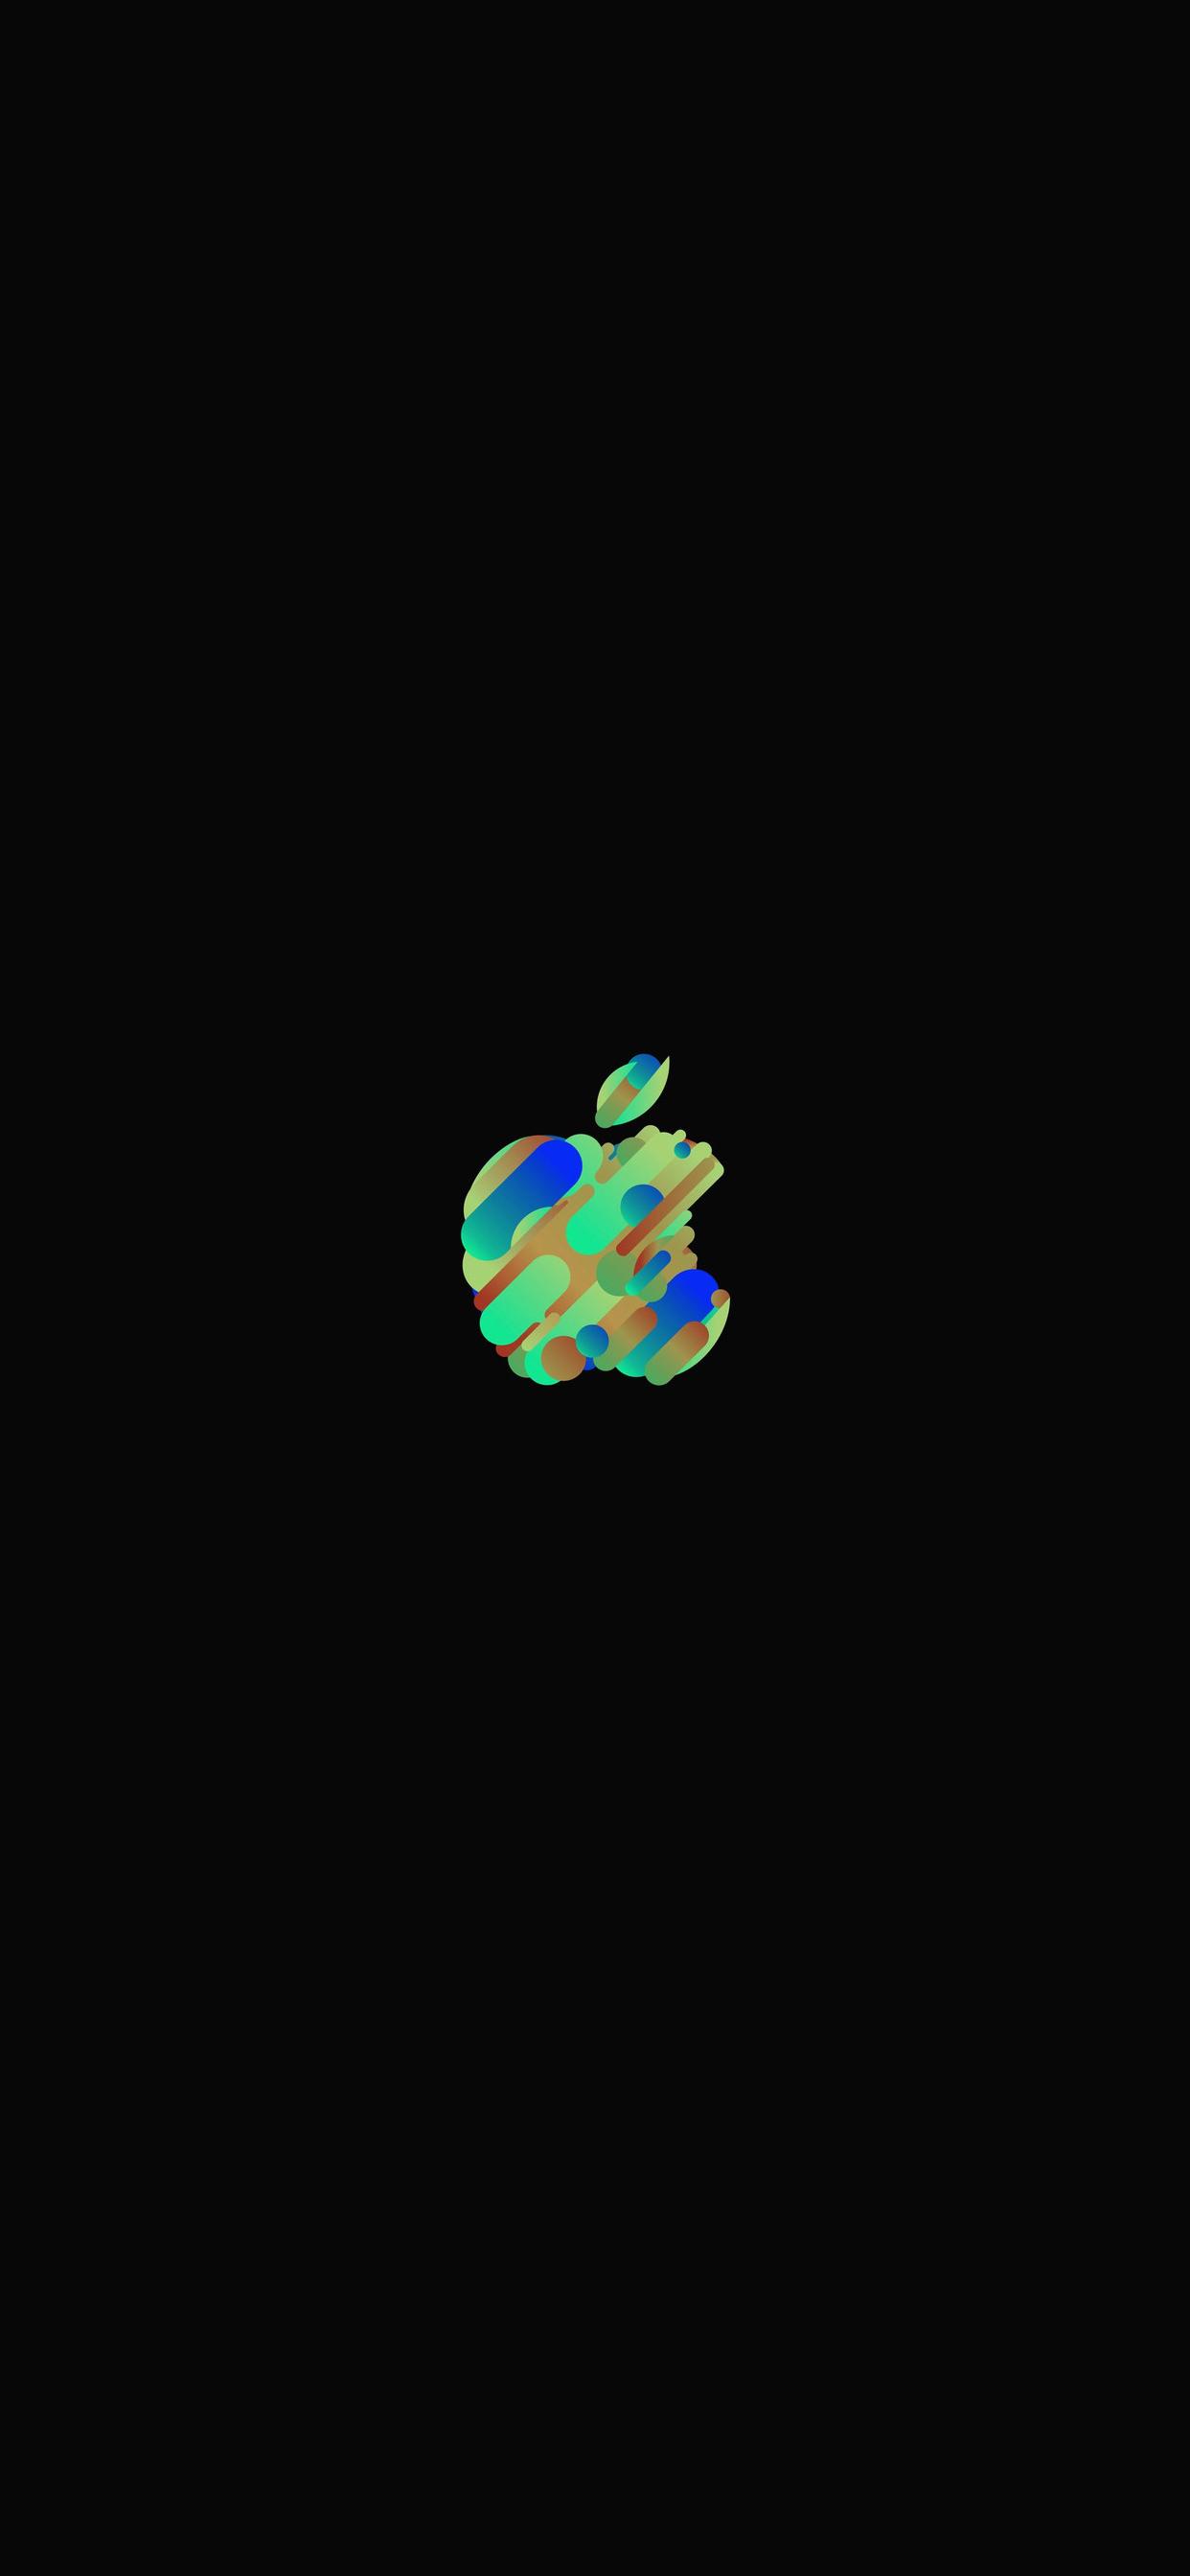 iPhone wallpaper apple logo 12 Fonds décran noirs avec le logo Apple en très haute résolution